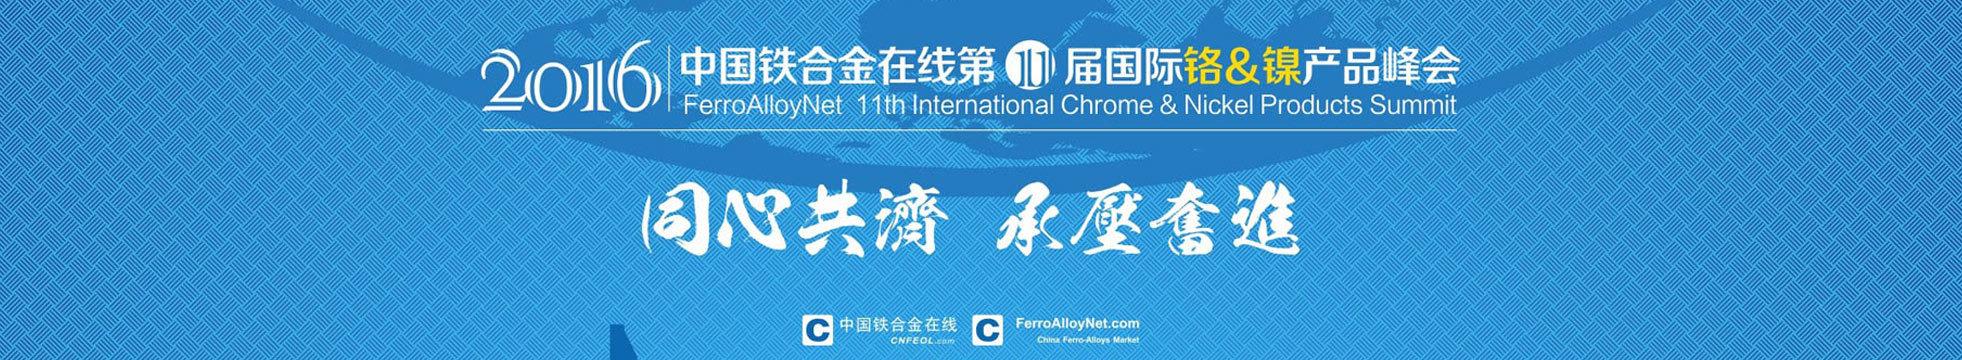 第十一届国际铬、镍产品峰会